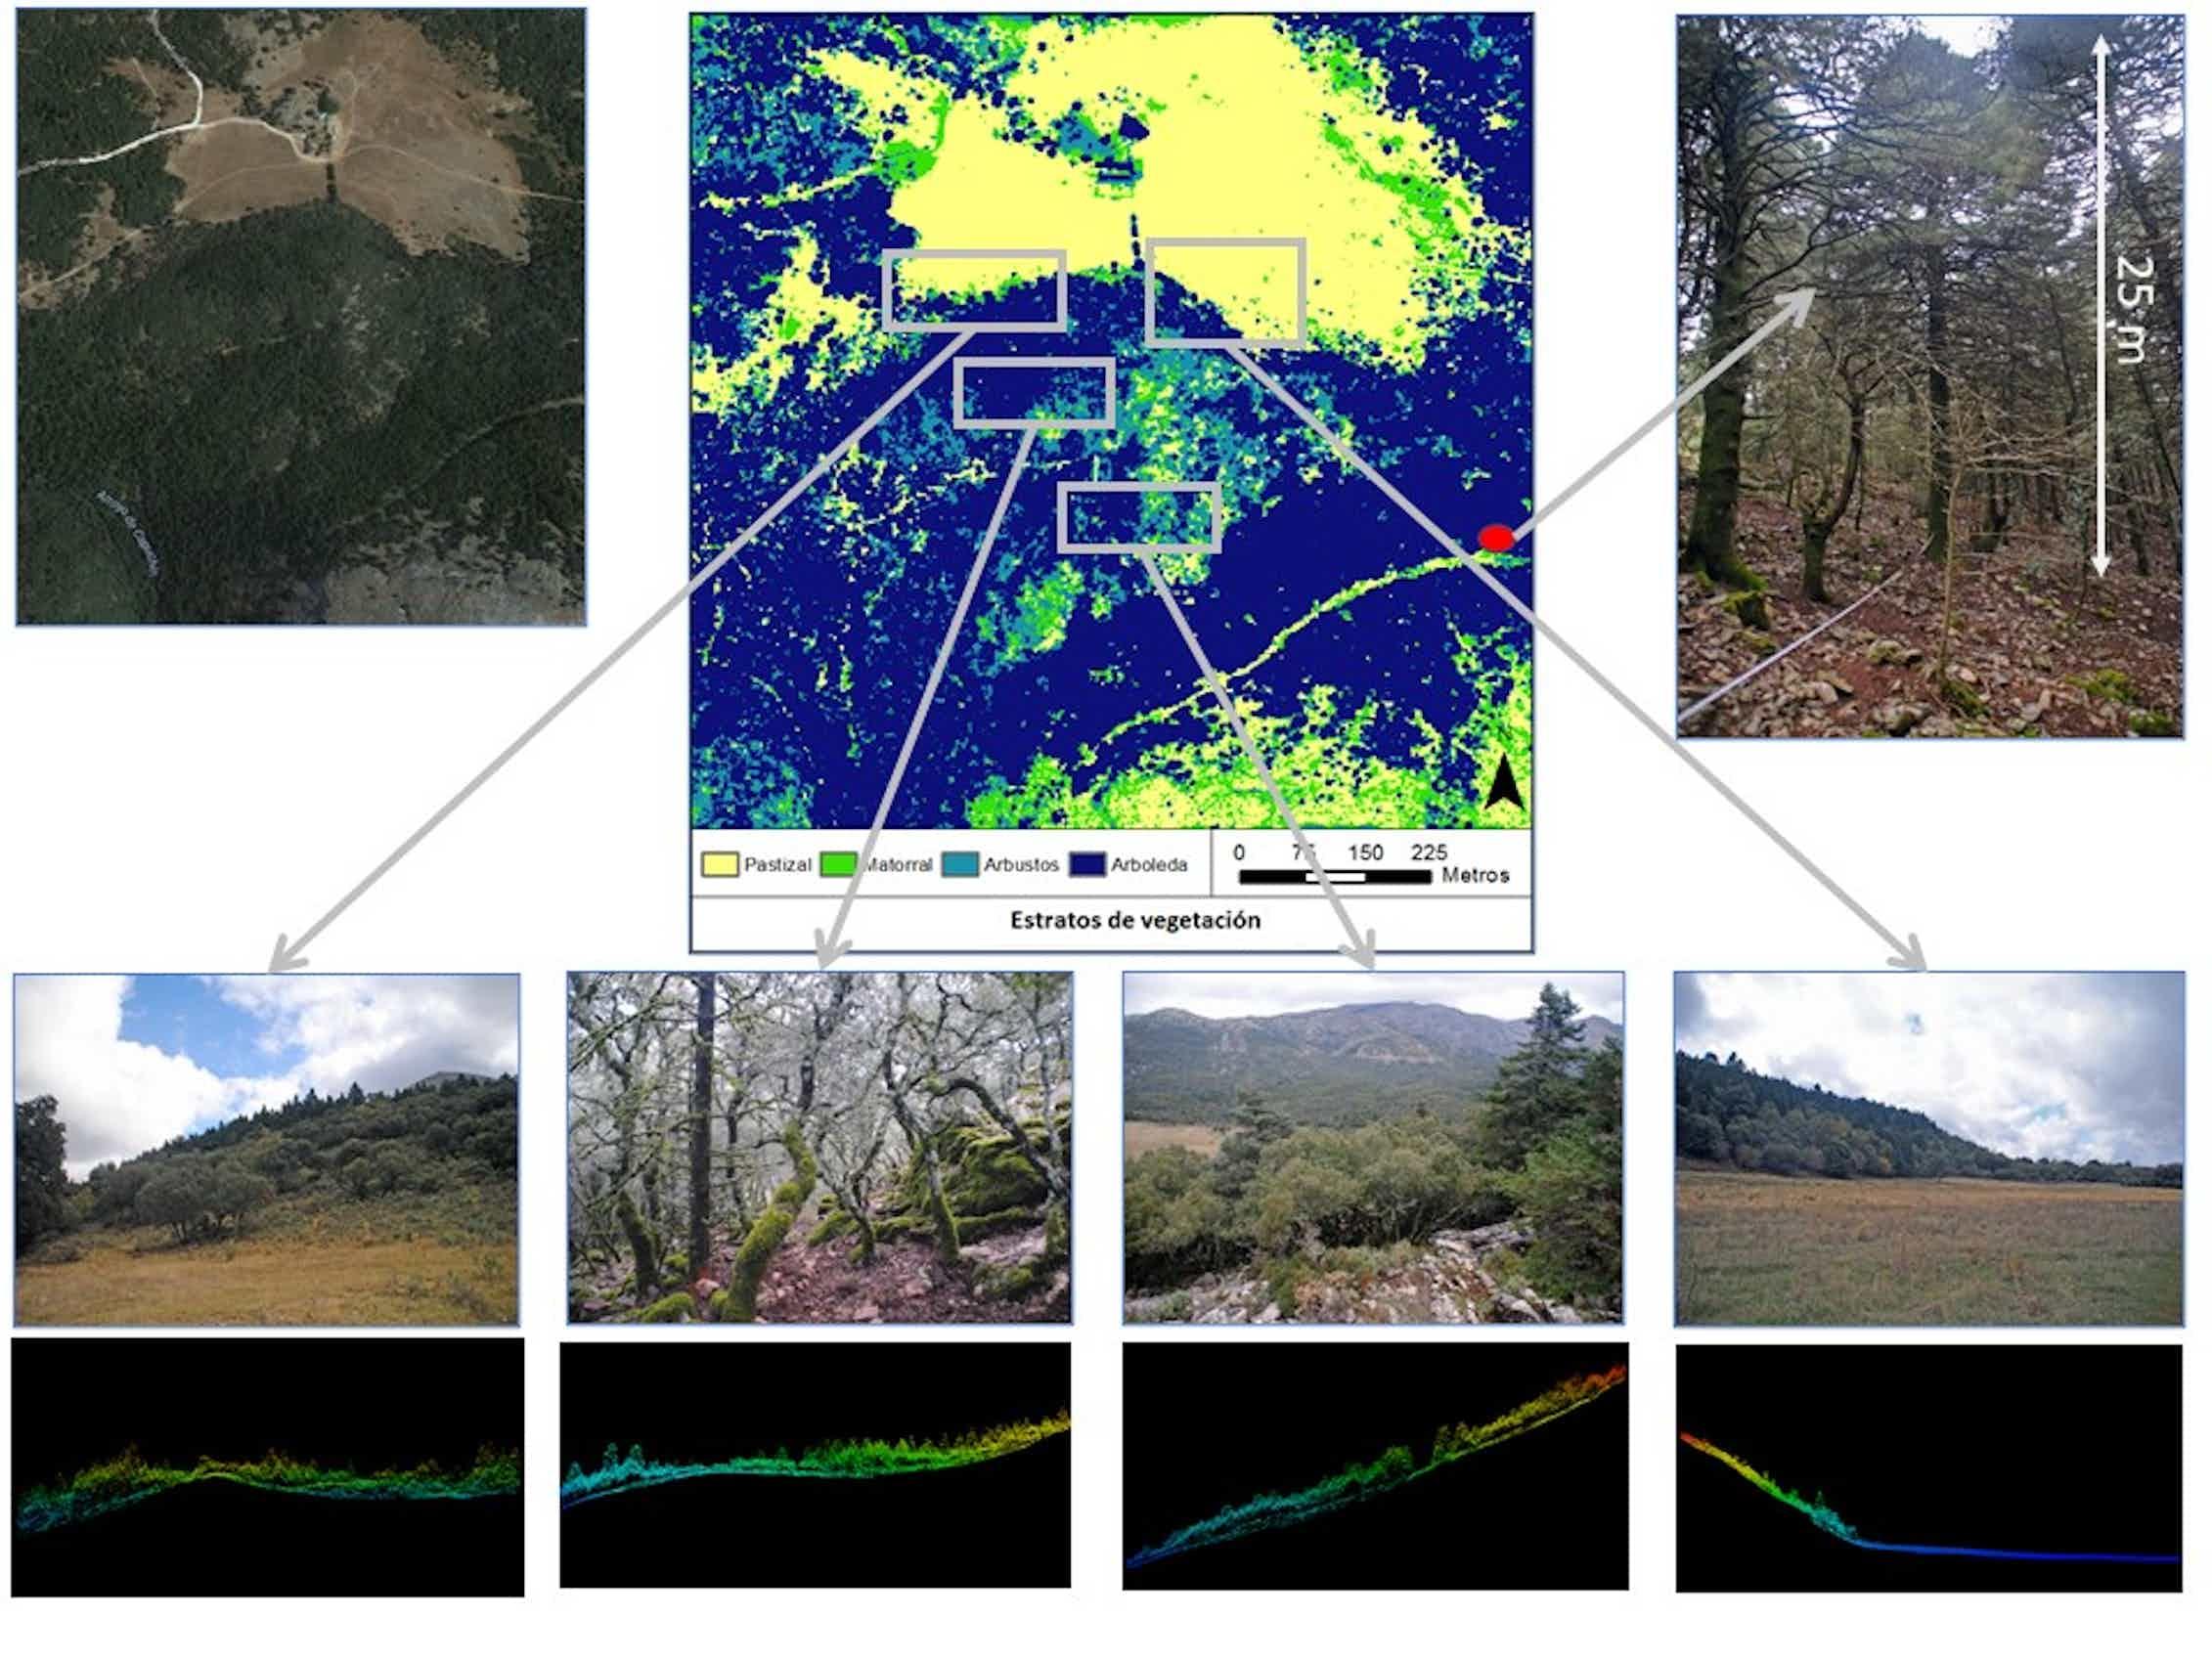 Estudio a escala de paisaje de un pinsapar mediante nube de puntos lidar. A la derecha localización del ejemplar de mayor altura.Álvaro Cortés Molino,Author provided